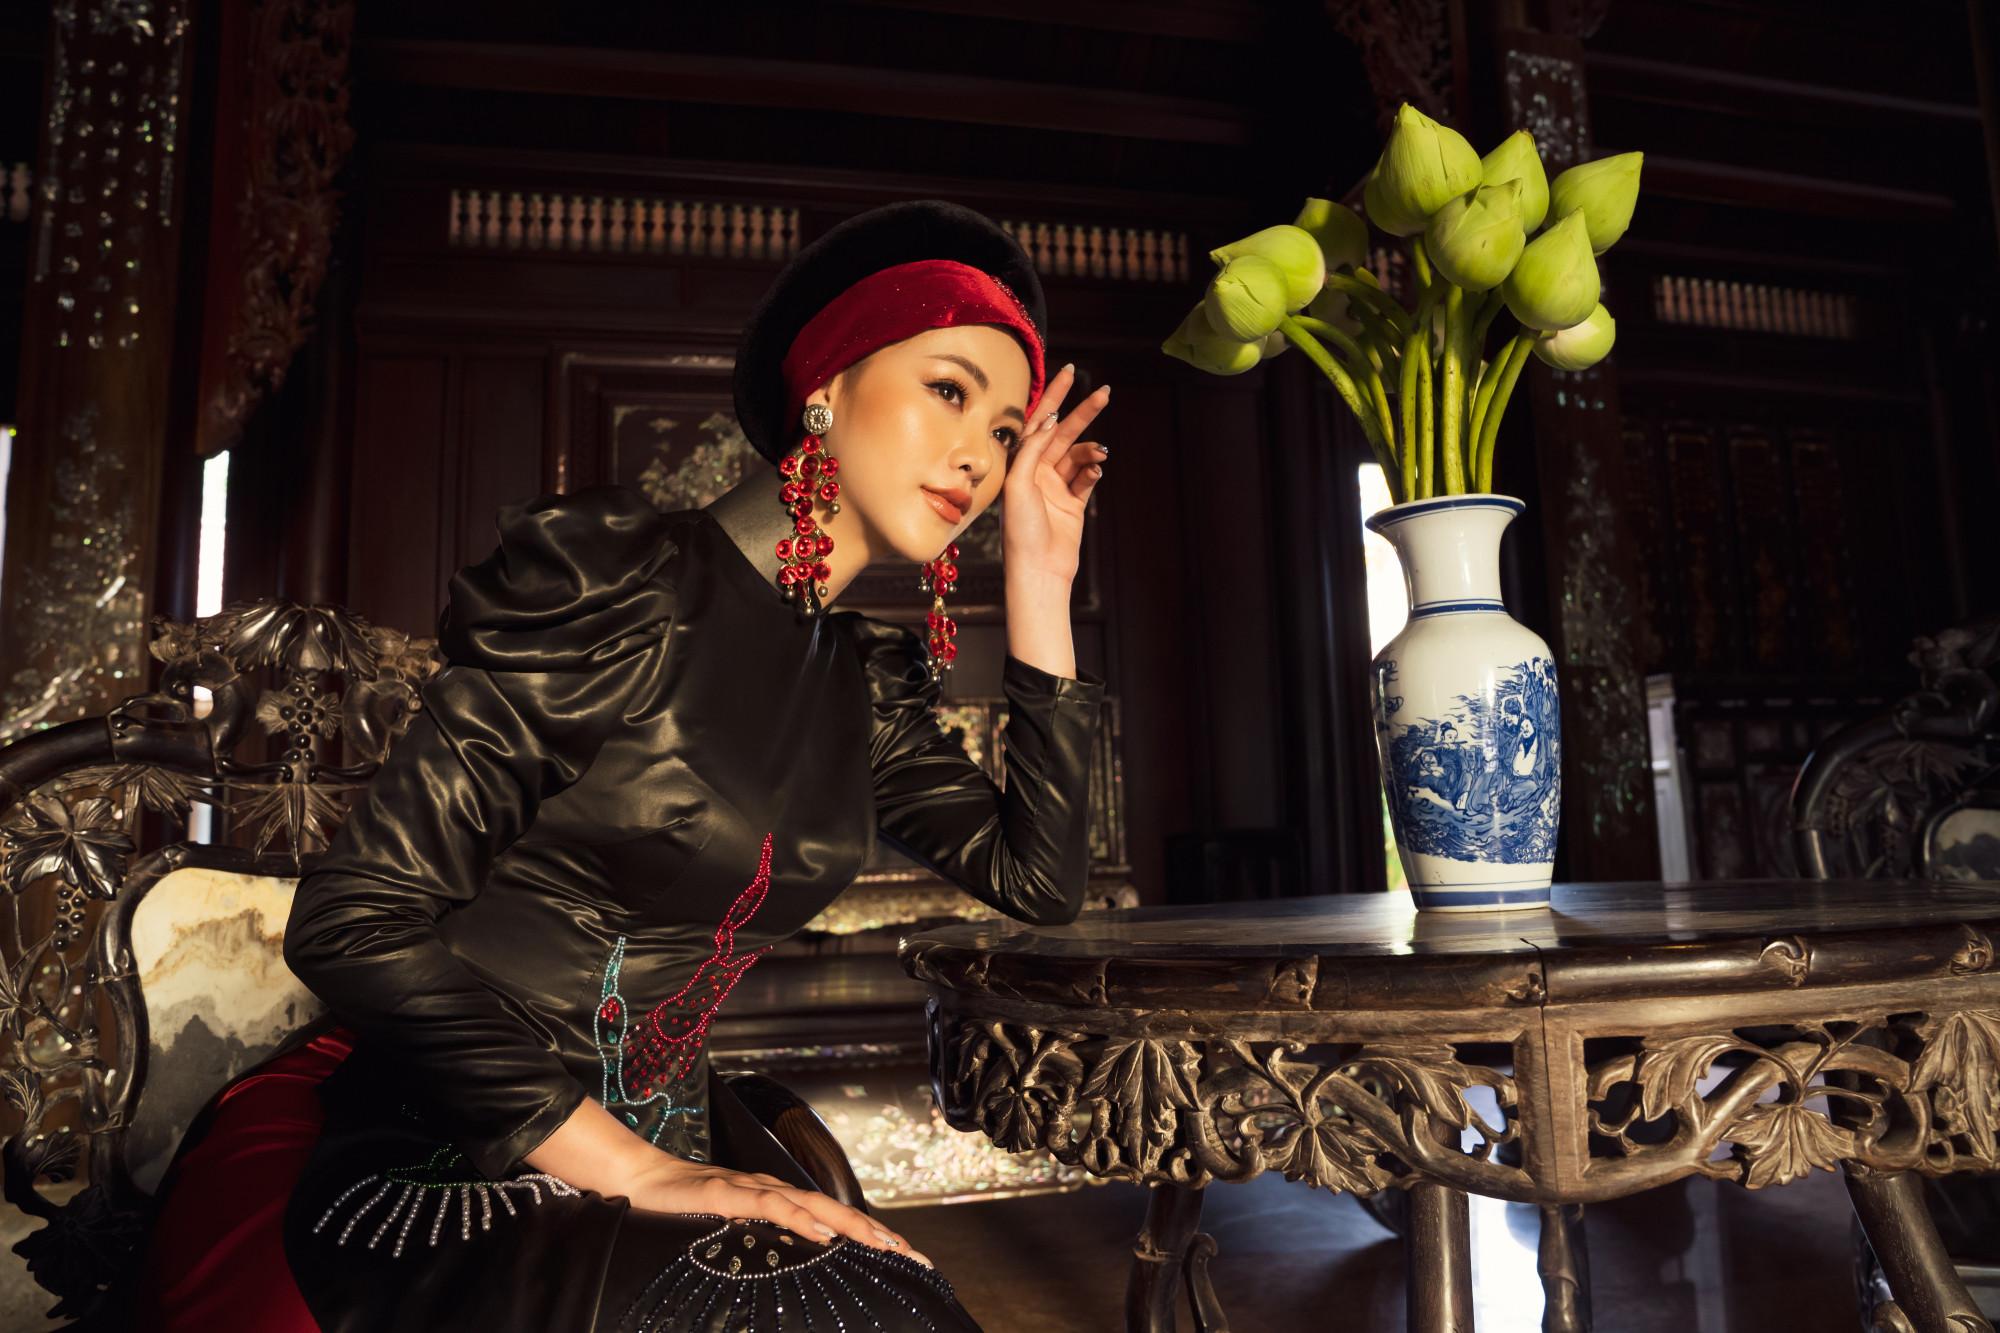 Khoác lên mình lụa chirimen - chất liệu truyền thống của Nhật Bản với những họa tiết hoa xuân được thêu thủ công mang nét đặc trưng riêng biệt giúp Phương Khánh nền nã, quyến rũ lạ thường.